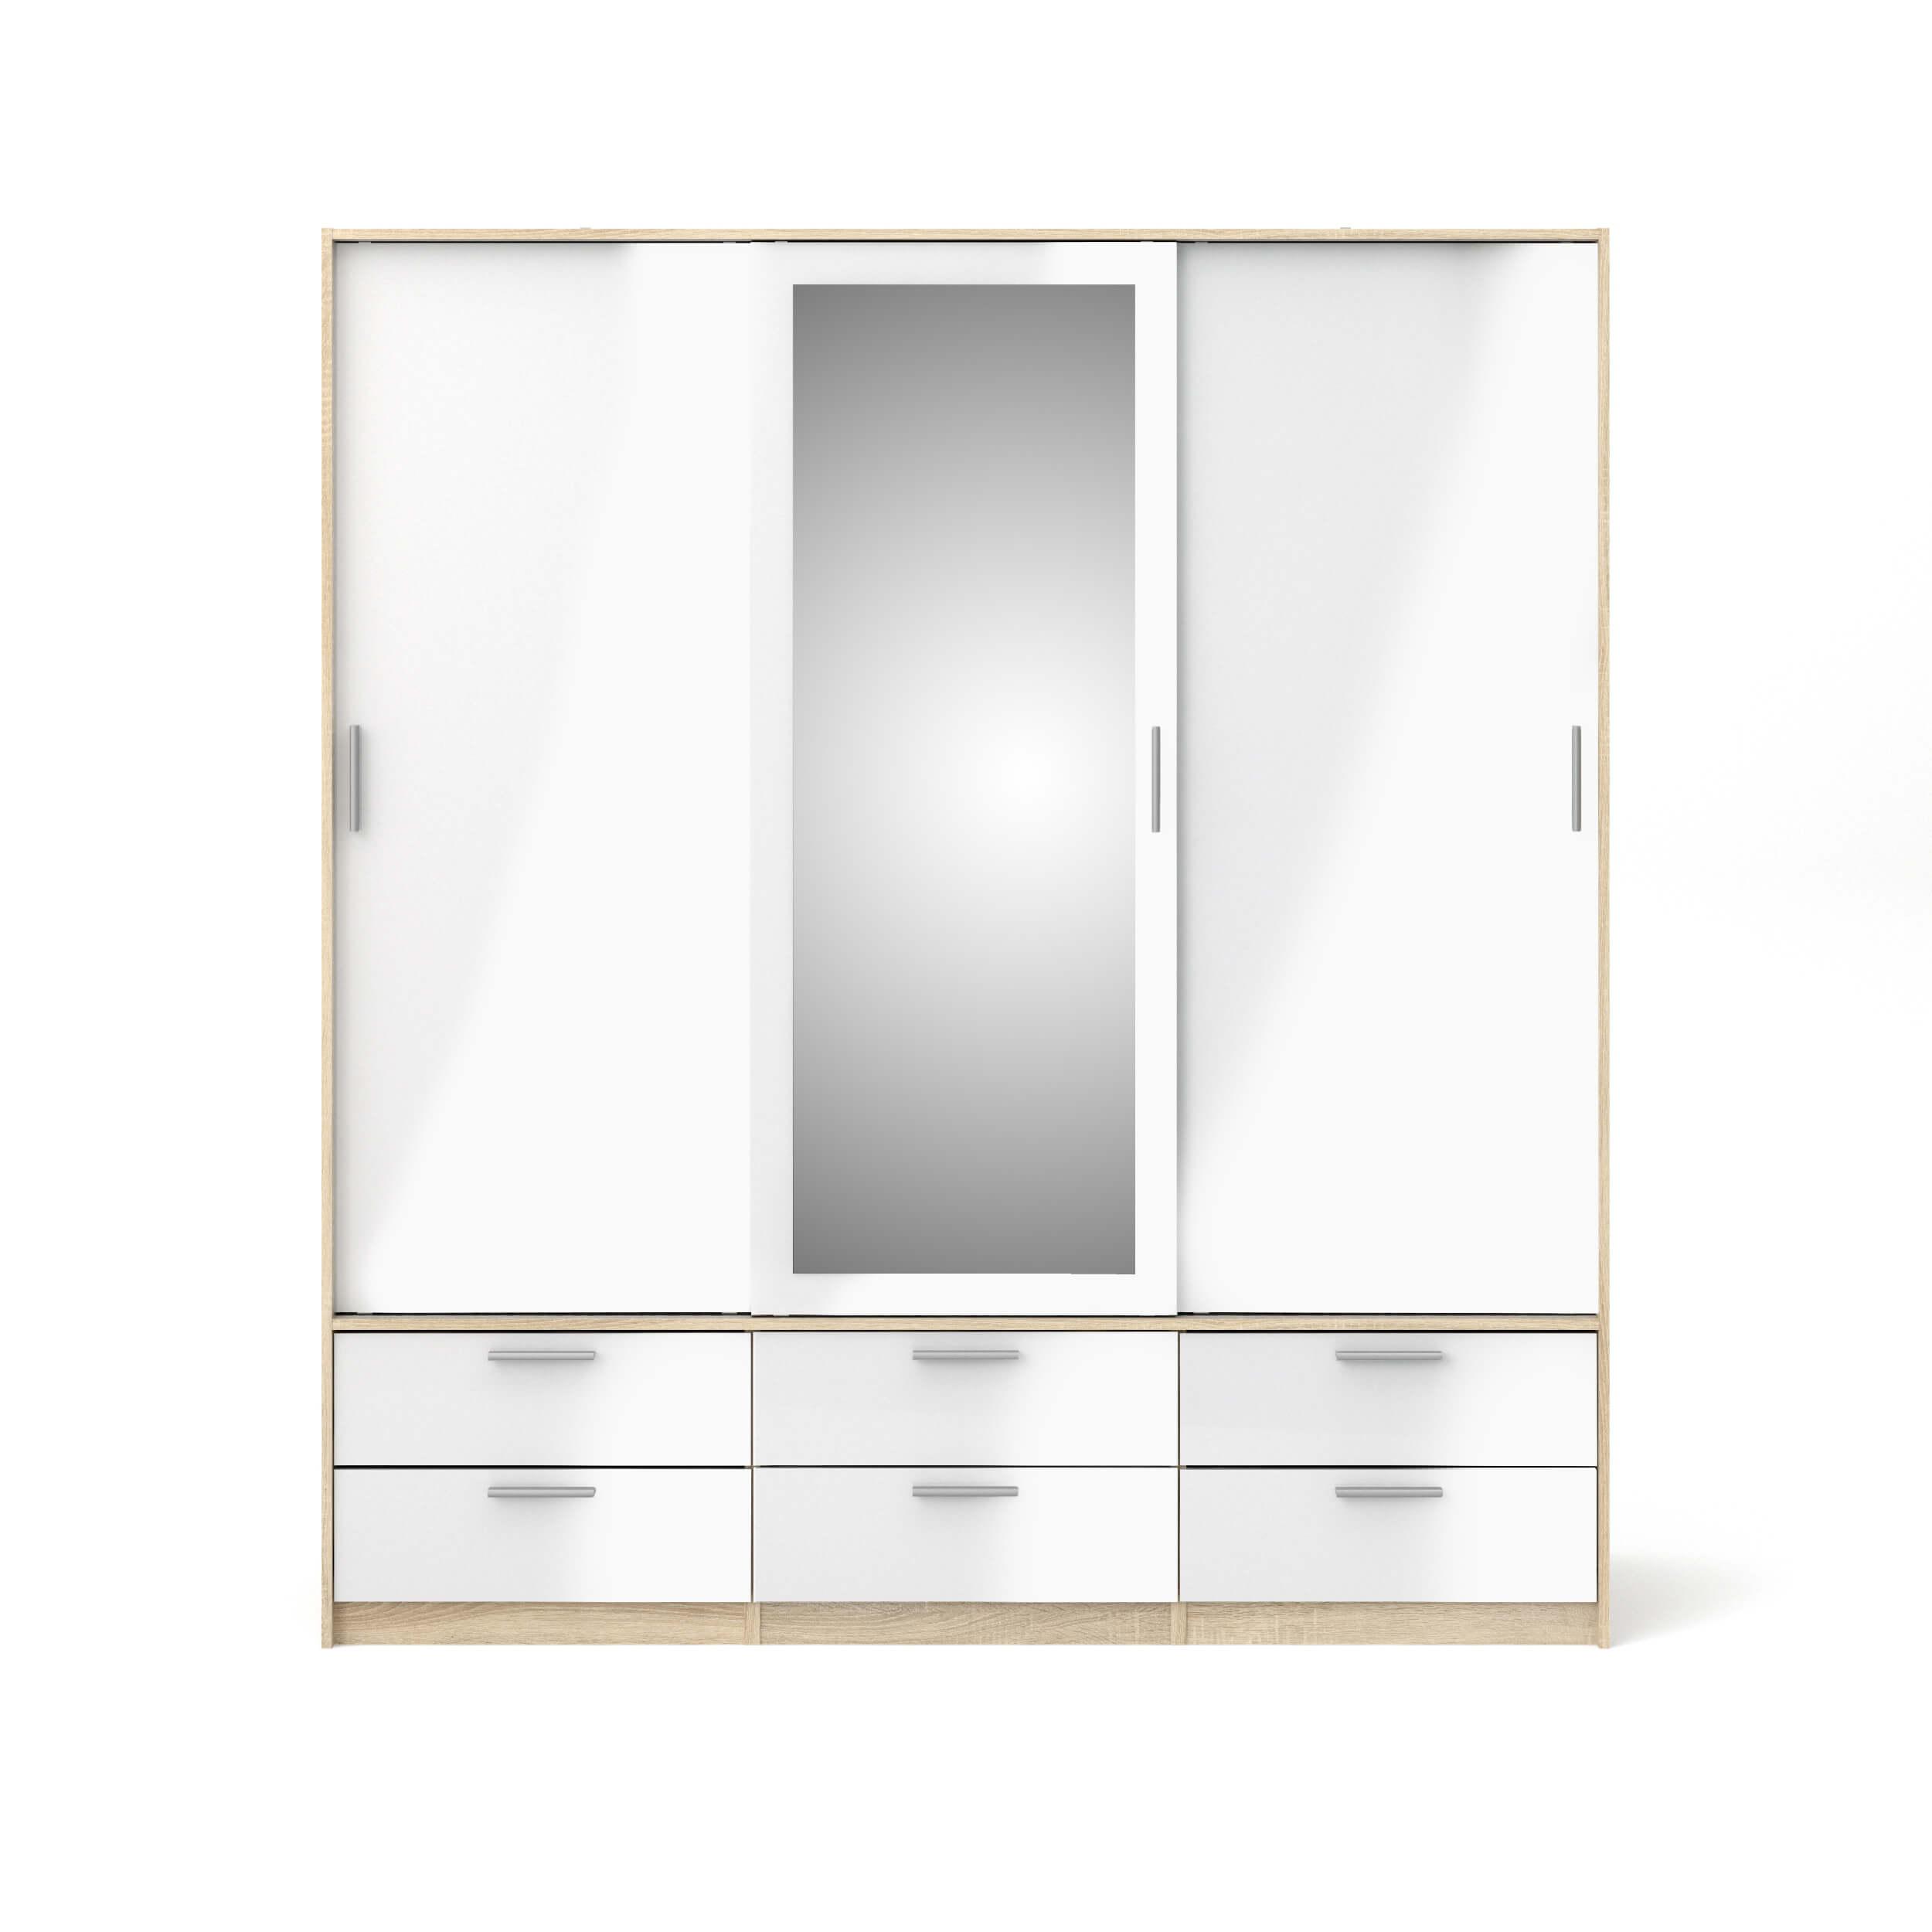 Line garderobeskab - egetræsstruktur/hvid højglans/spejlglas, m. 3 låger og 6 skuffer